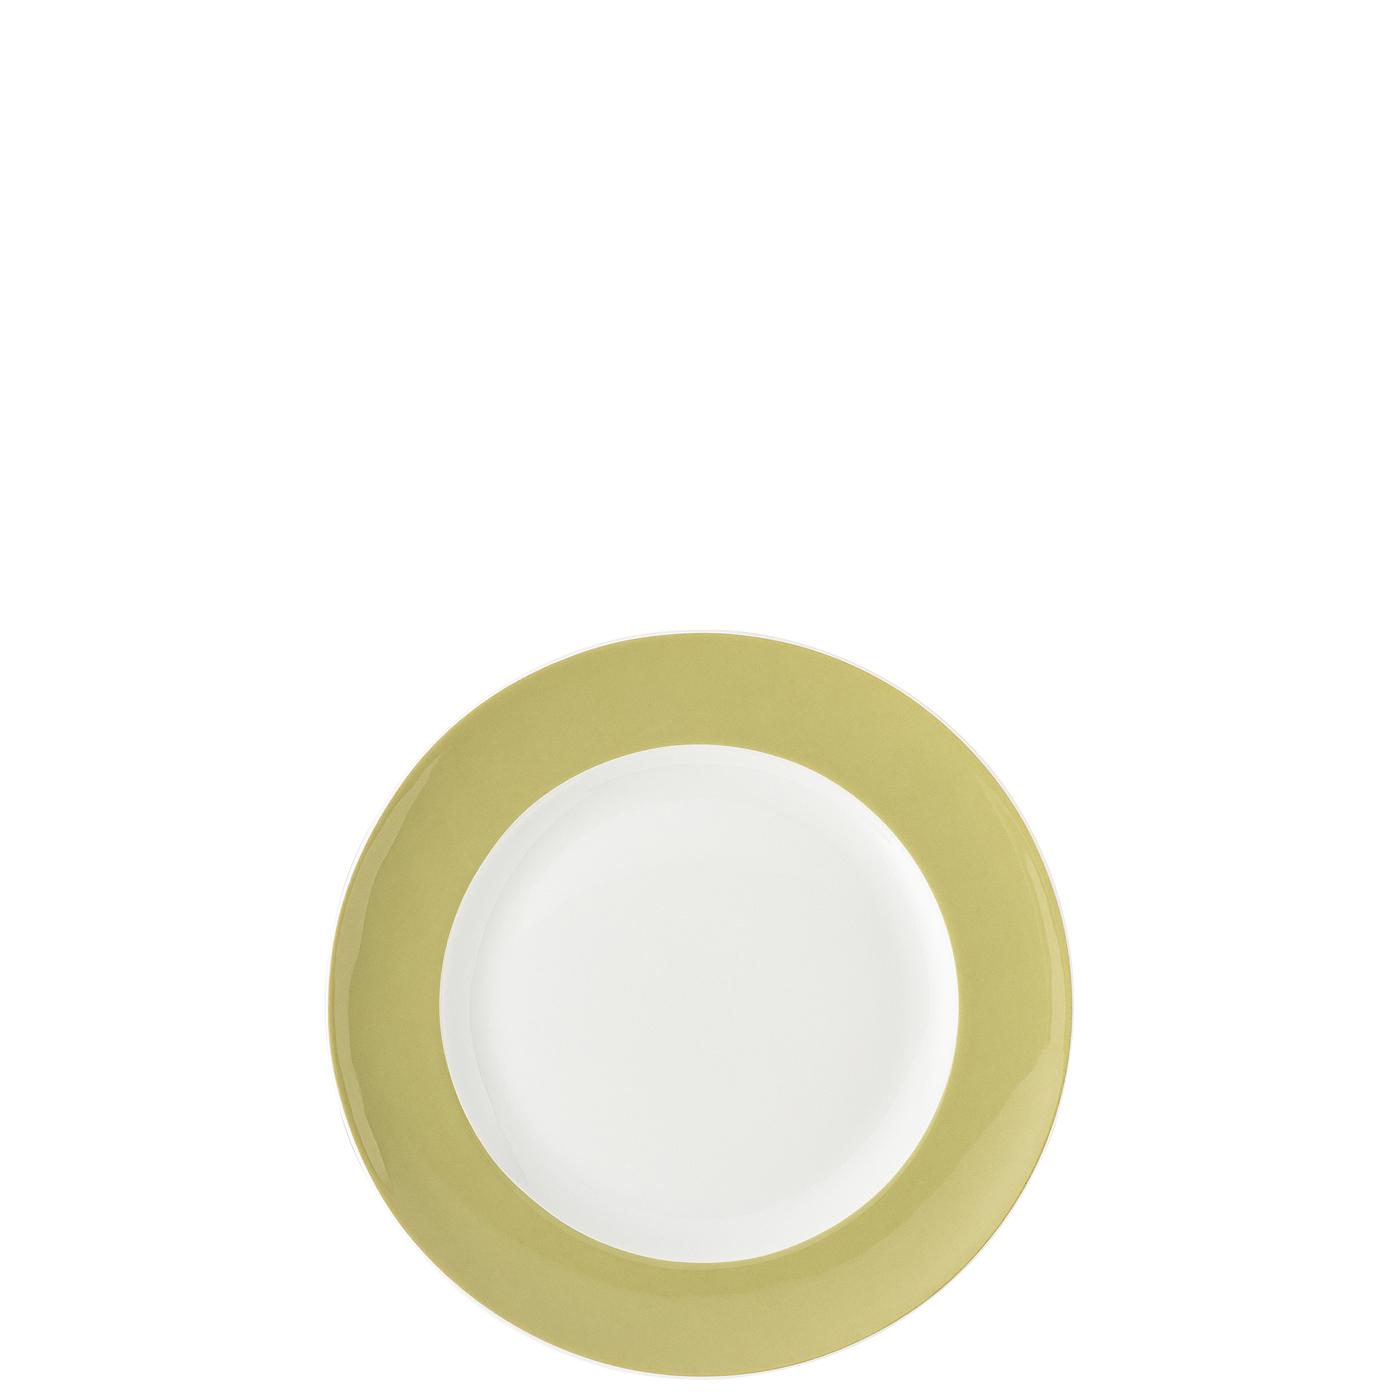 Brotteller 18 cm Sunny Day Avocado Green Thomas Porzellan